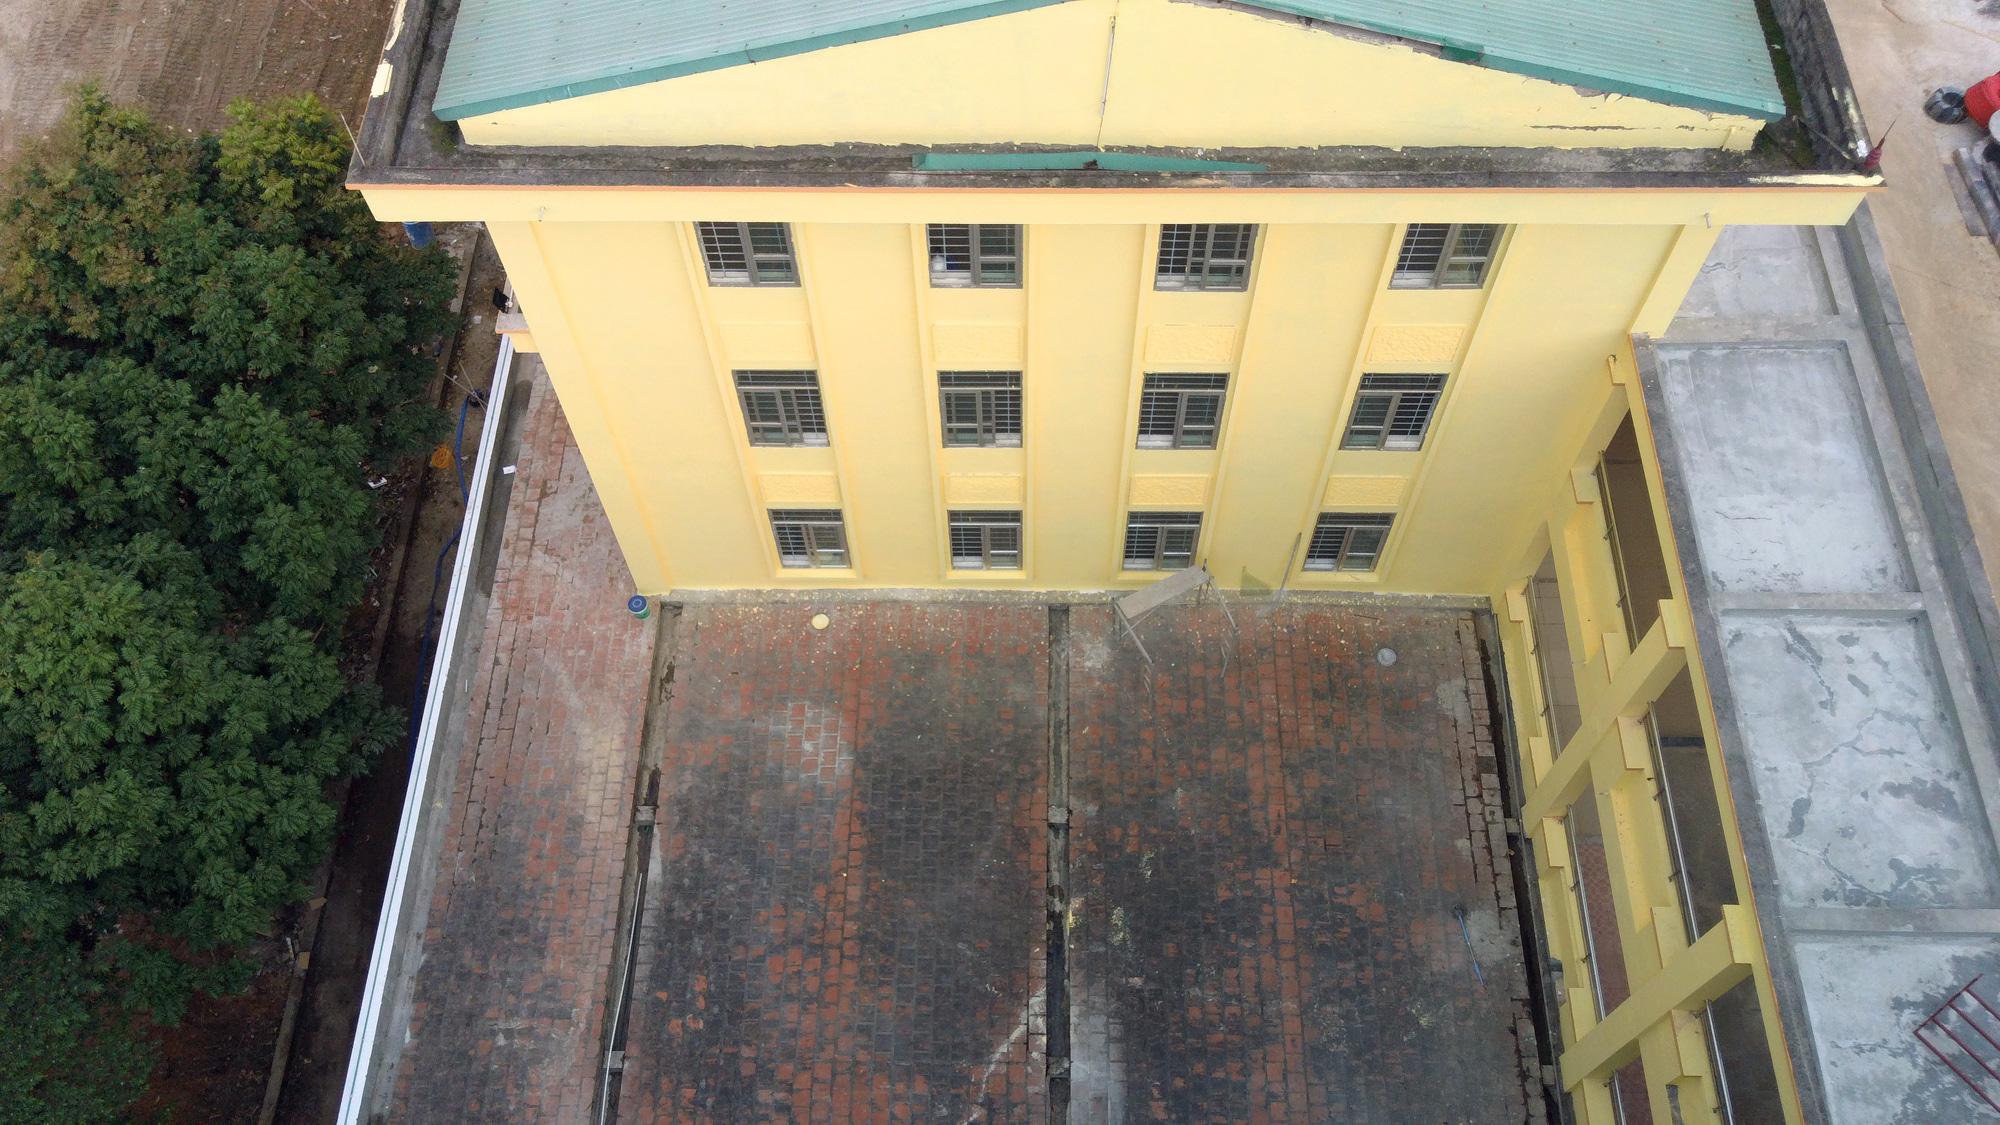 Hà Nội sửa xong bệnh viện bỏ hoang ở Mê Linh làm khu cách li chống dịch Covid-19 - Ảnh 11.